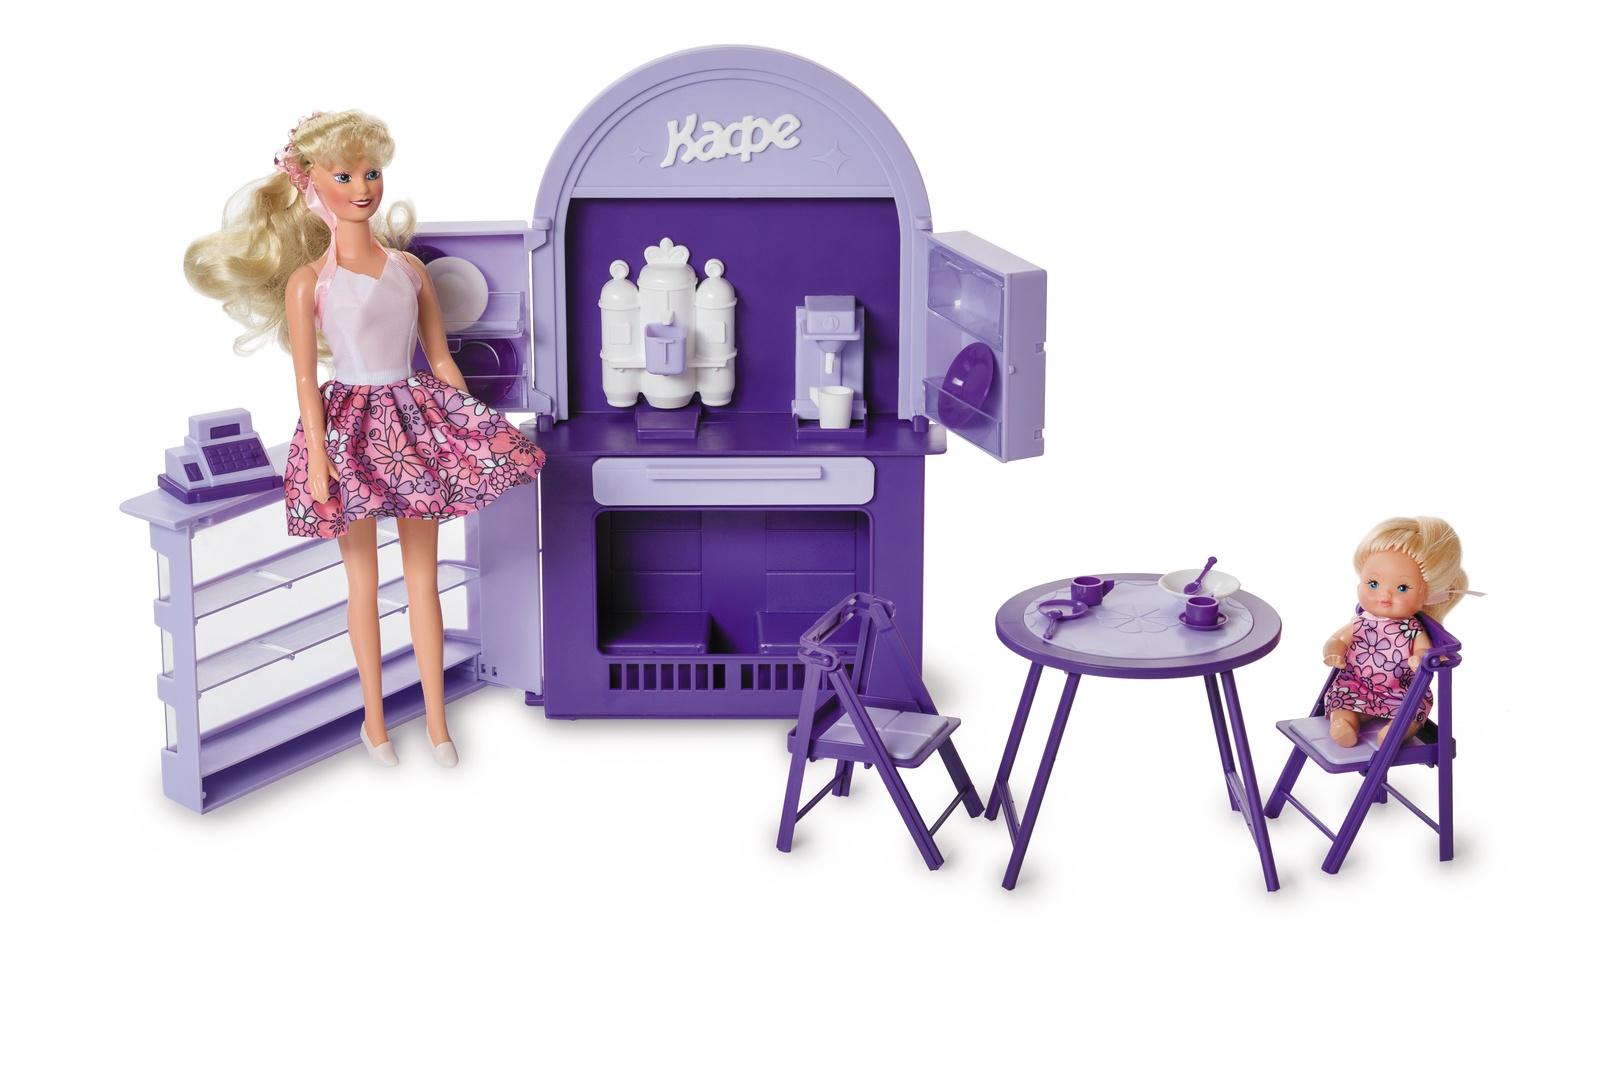 Мебель для кукол Огонек Кафе-бар, С-1501, фиолетовый кукольная мебель огонек колыбель коллекция